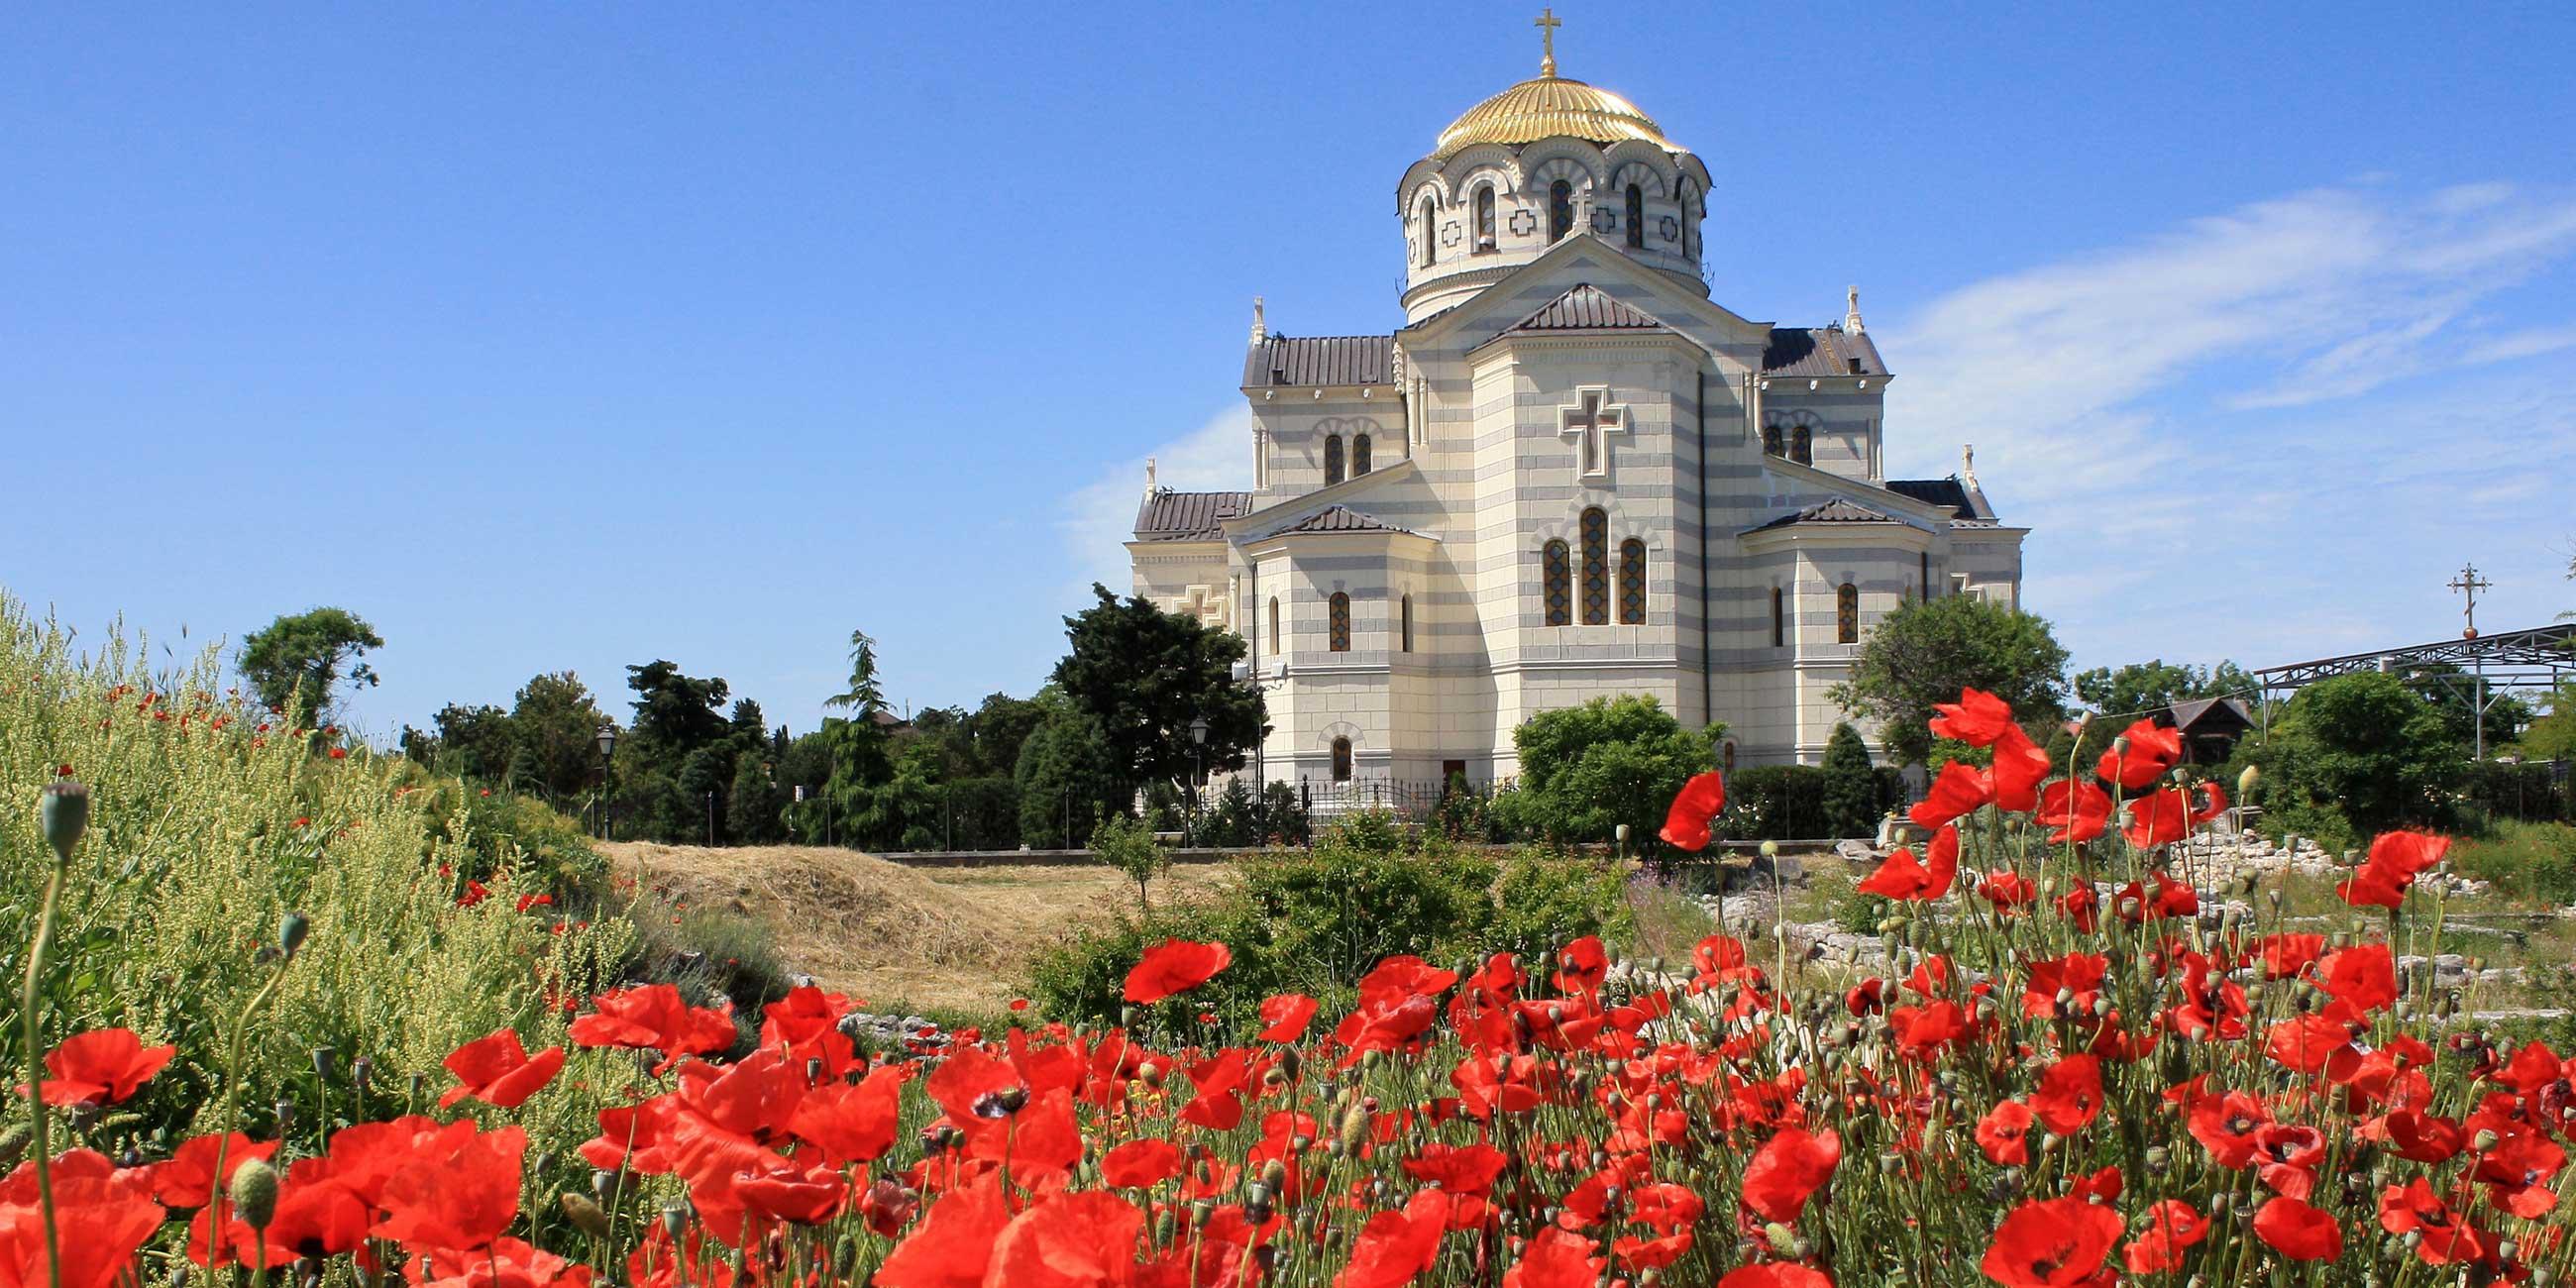 Зайдите в Свято-Владимирский собор, который был открыт в 1891 годуФото: Дмитрий Метелкин